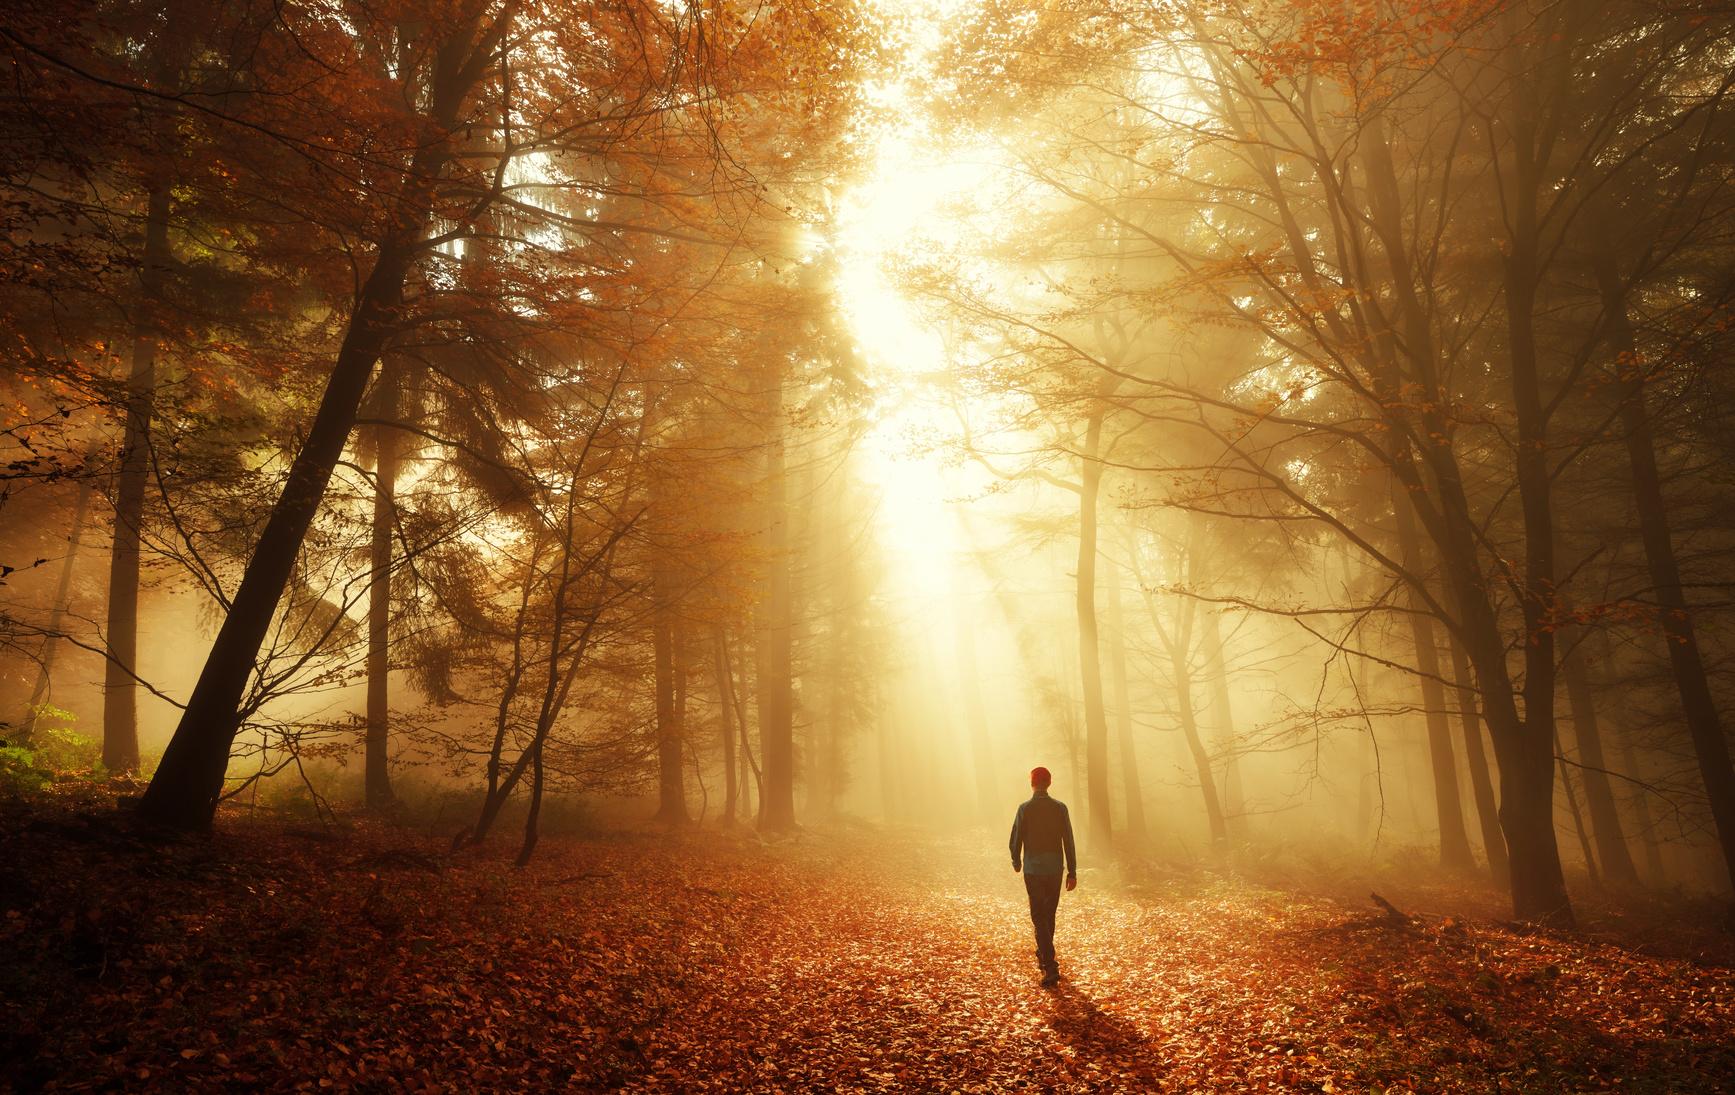 Mit Der Kraft Der Natur In Ein Neues Leben Liebe Ruhe